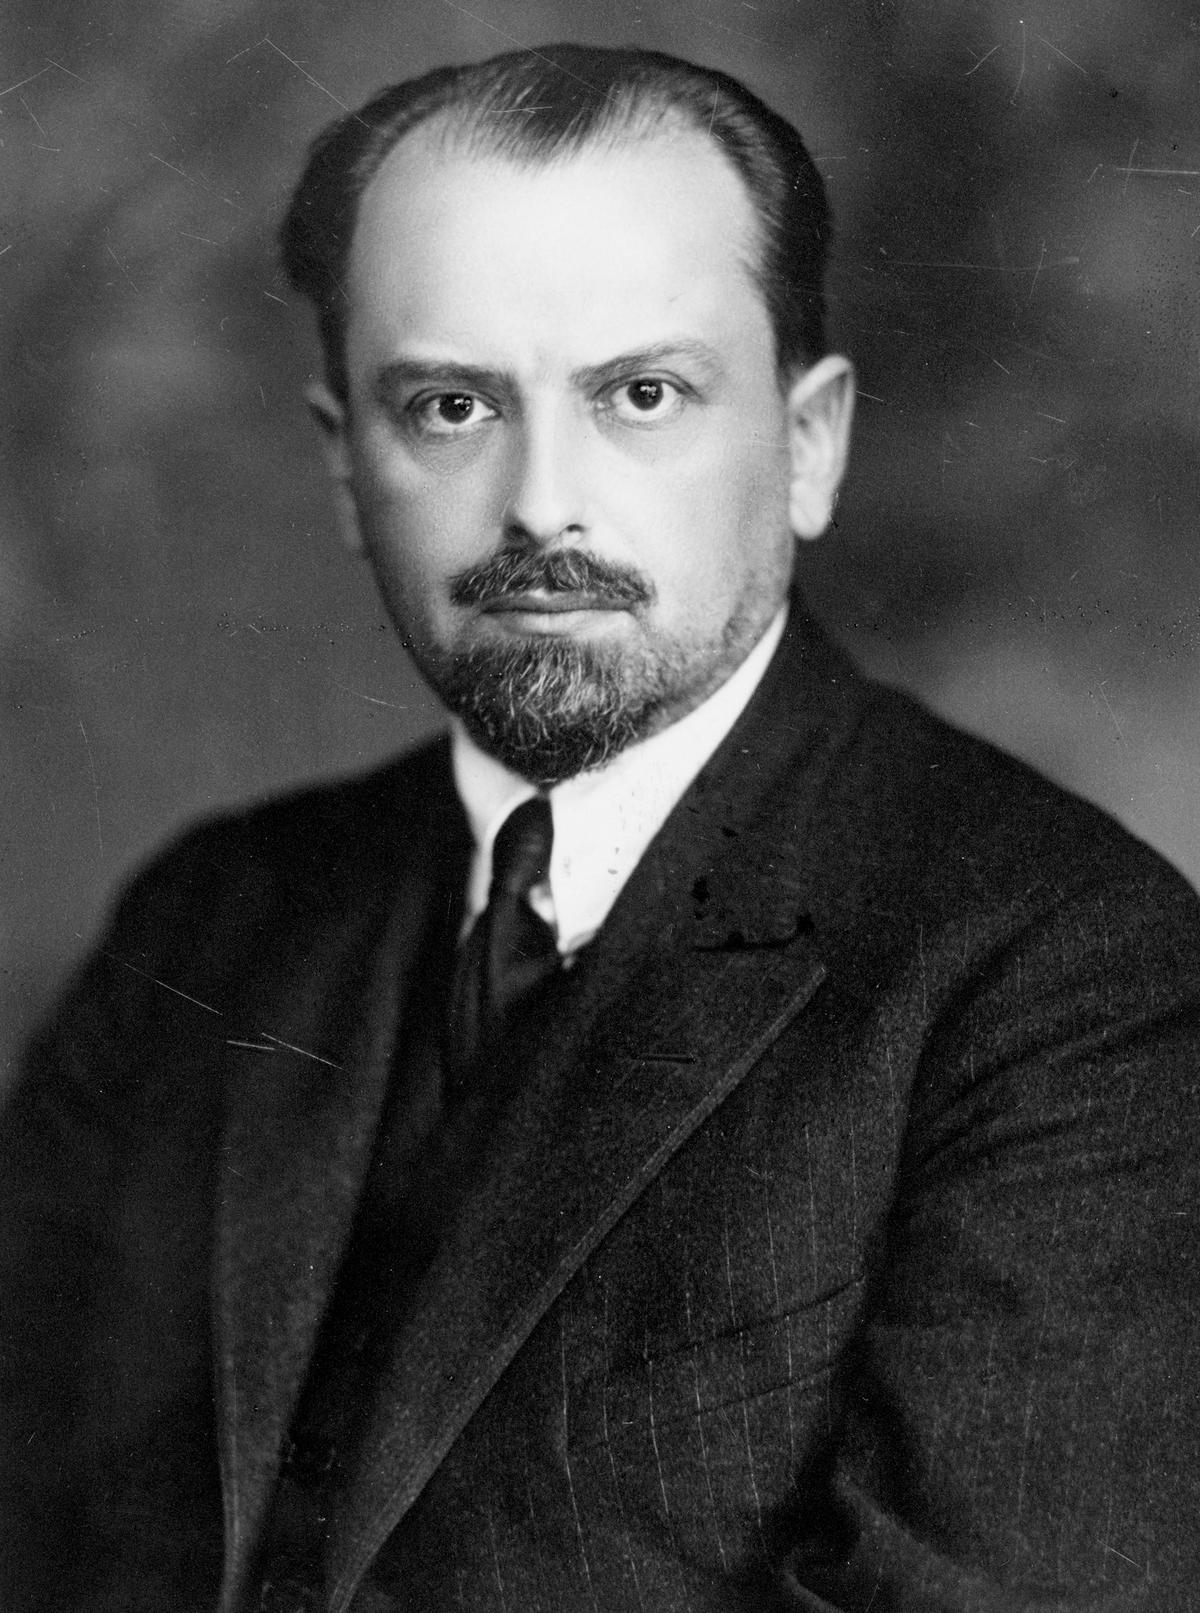 """Dwukrotny minister sprawiedliwości oraz autor kodeksu karnego z 1932 roku Wacław Makowski tłumaczył, że przy karaniu za kazirodztwo chodziło tylko o """"wzgląd eugeniczny""""."""